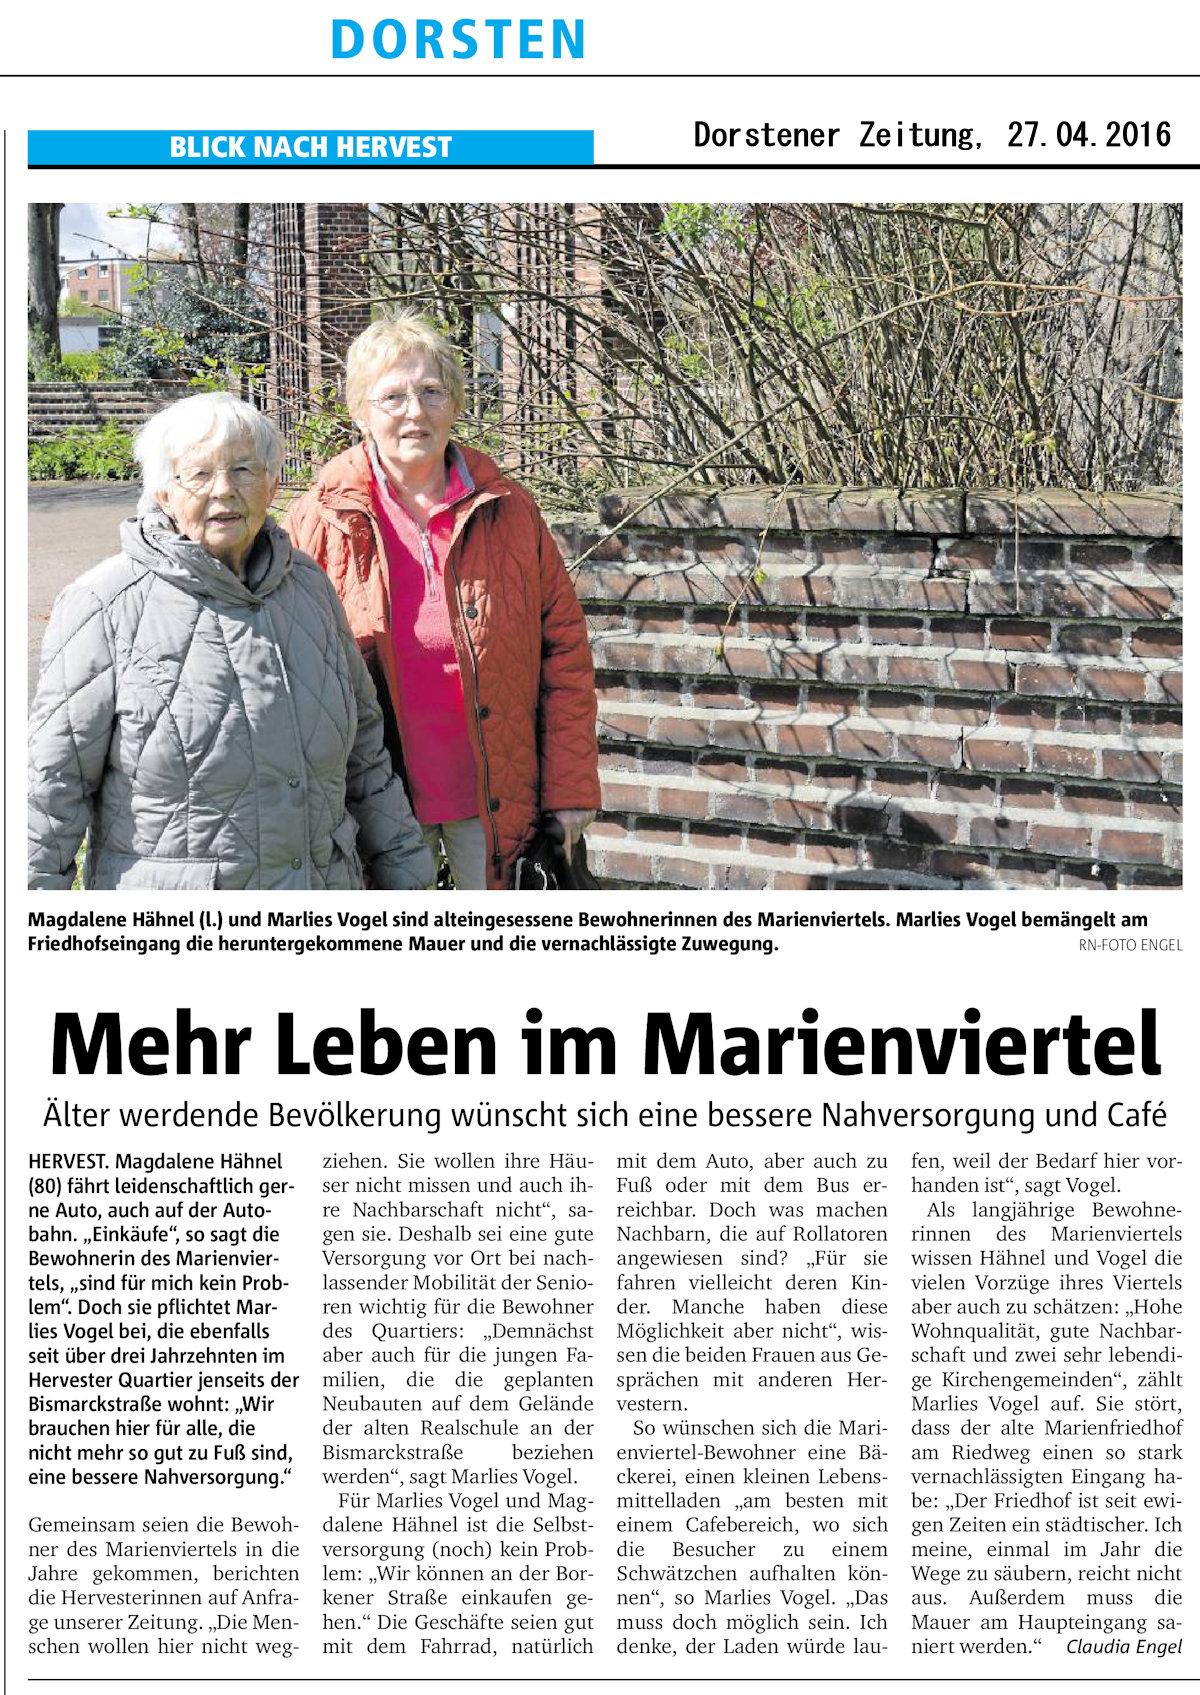 2016-04-27-Marienviertel-Dorsten-1200